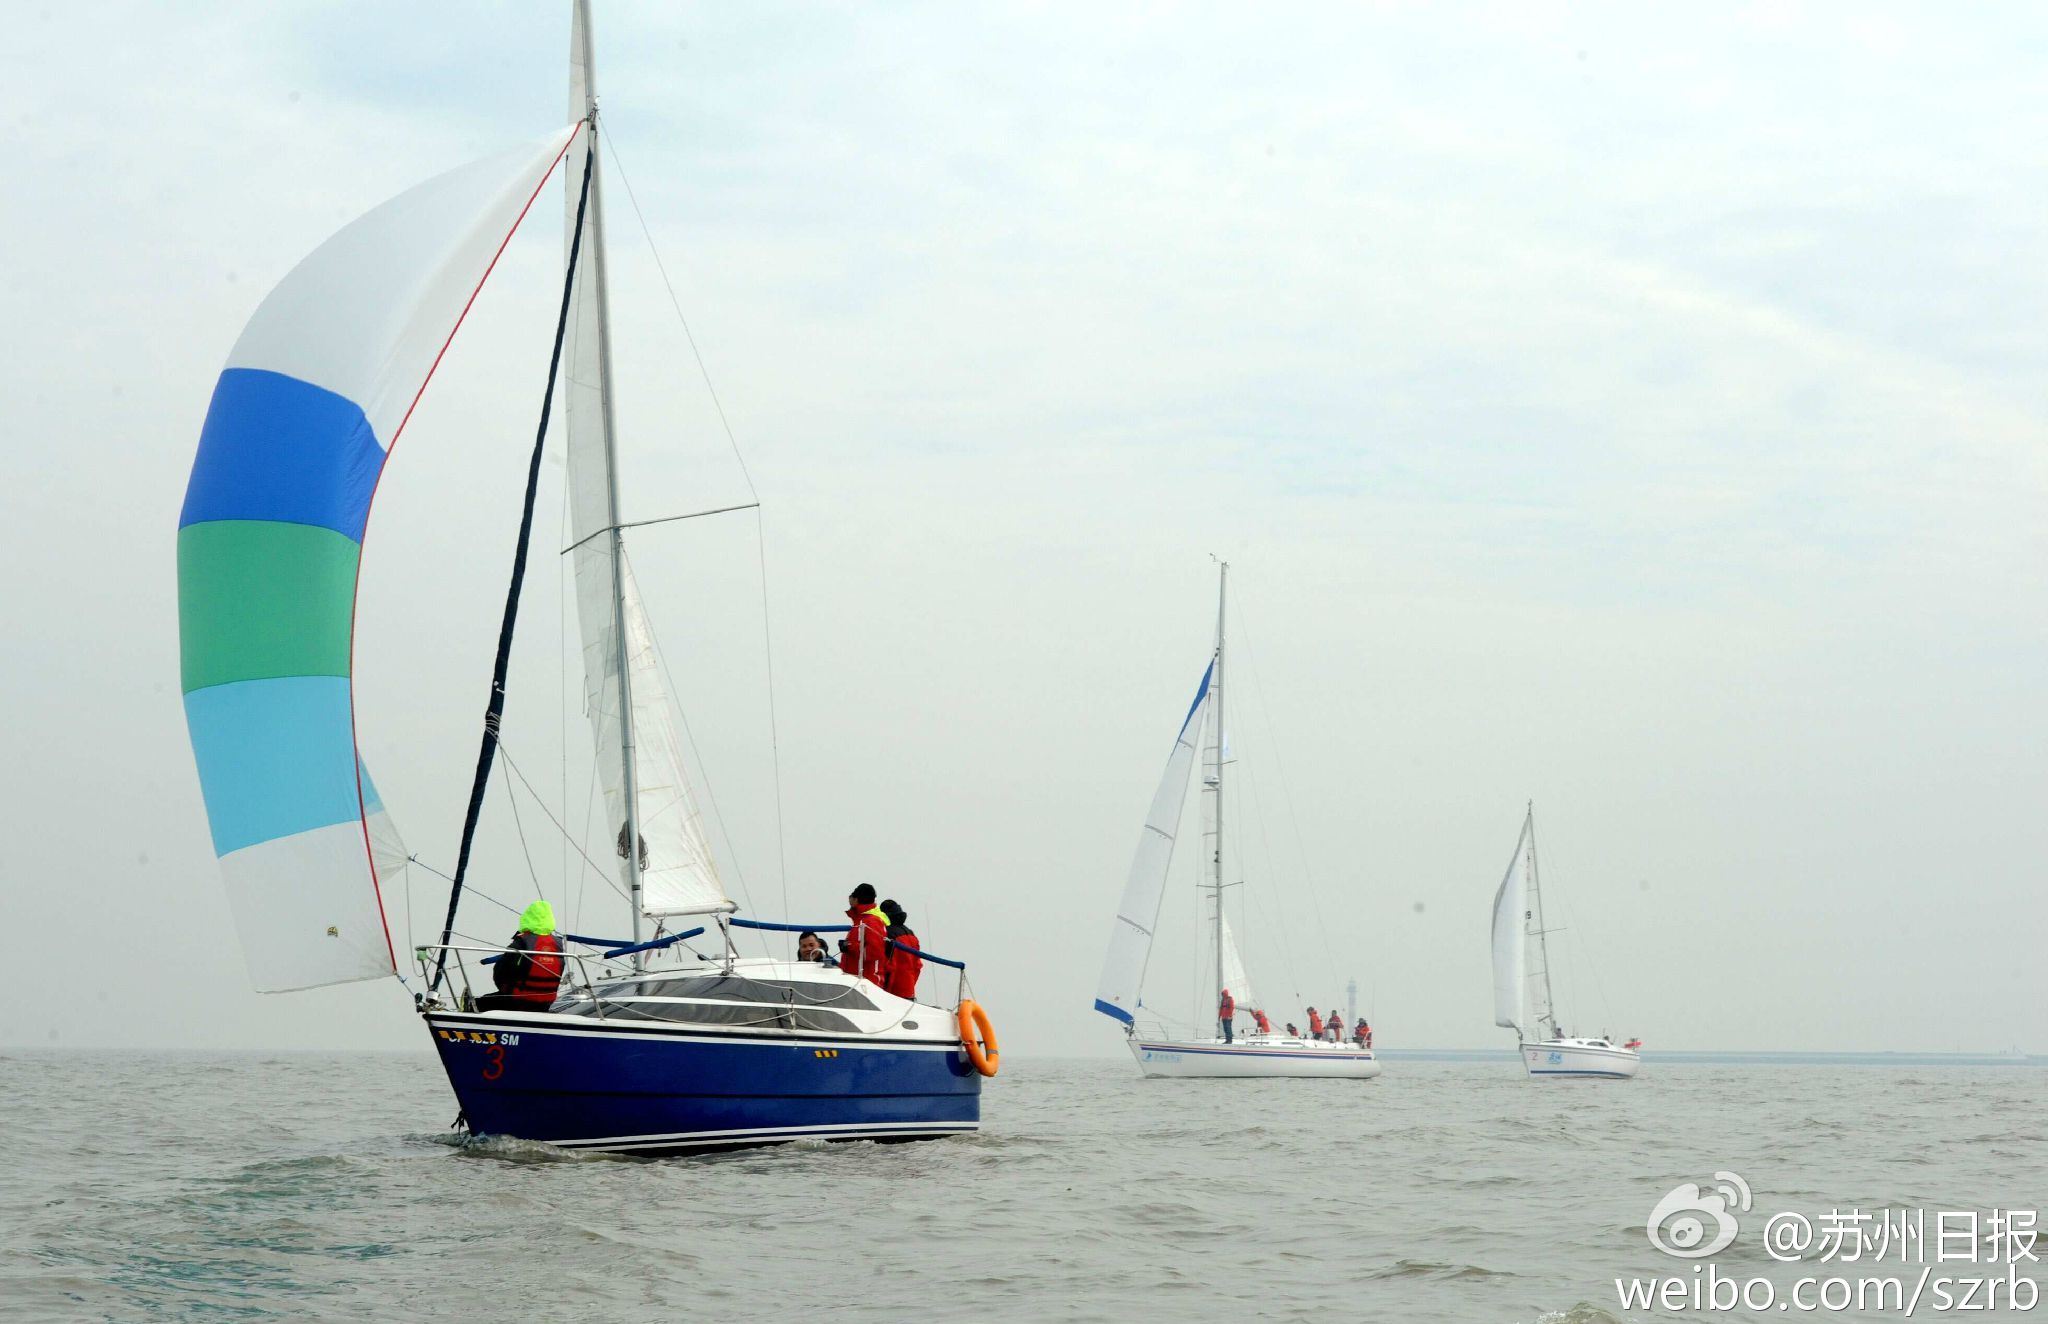 浙江湖州,江苏省,有限公司,帆船运动,卡特琳娜 太湖水域首个帆船比赛环太湖帆船拉力赛扬帆 5.jpg